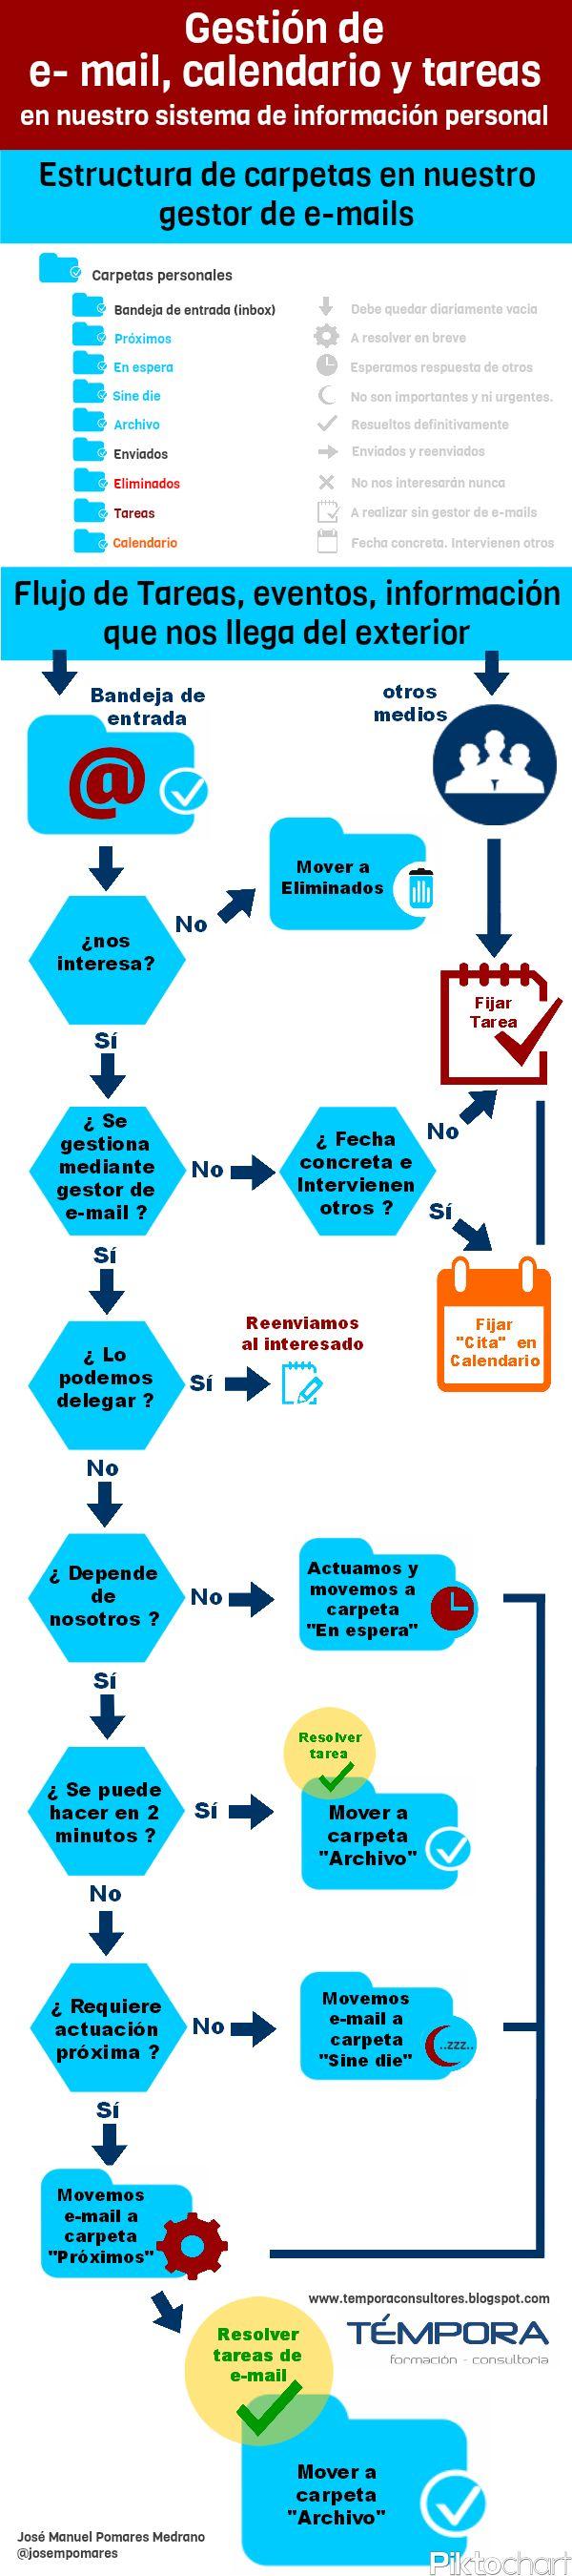 Gestión de correo, calendario y tareas en Outlook (o lo que tengas) #infografia